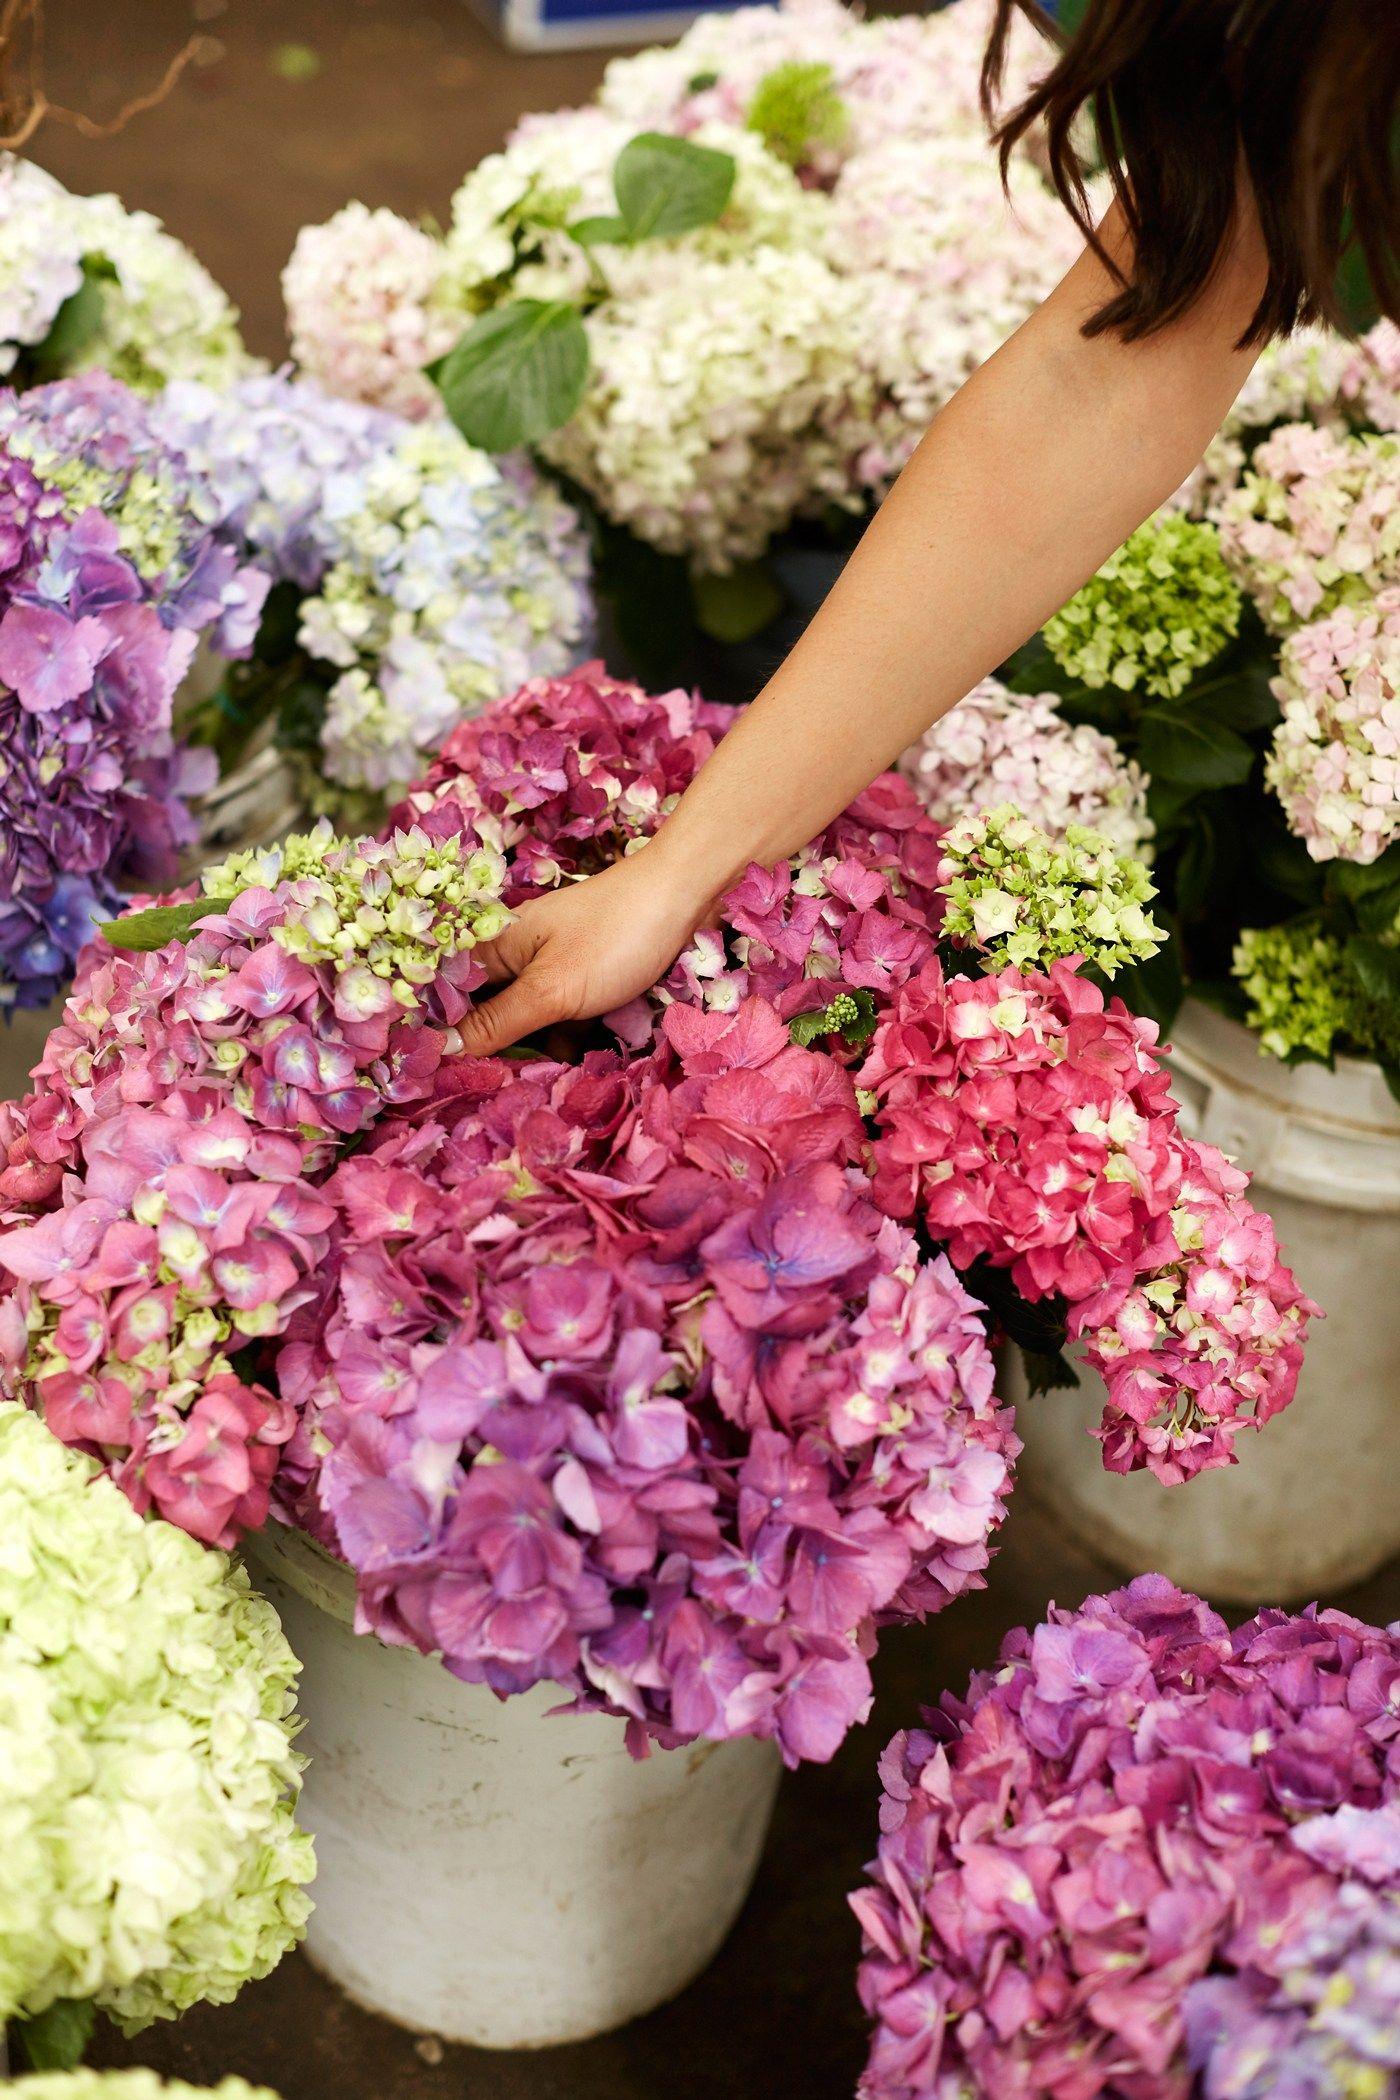 Downtown LA Flower Market Flower market, New york flower